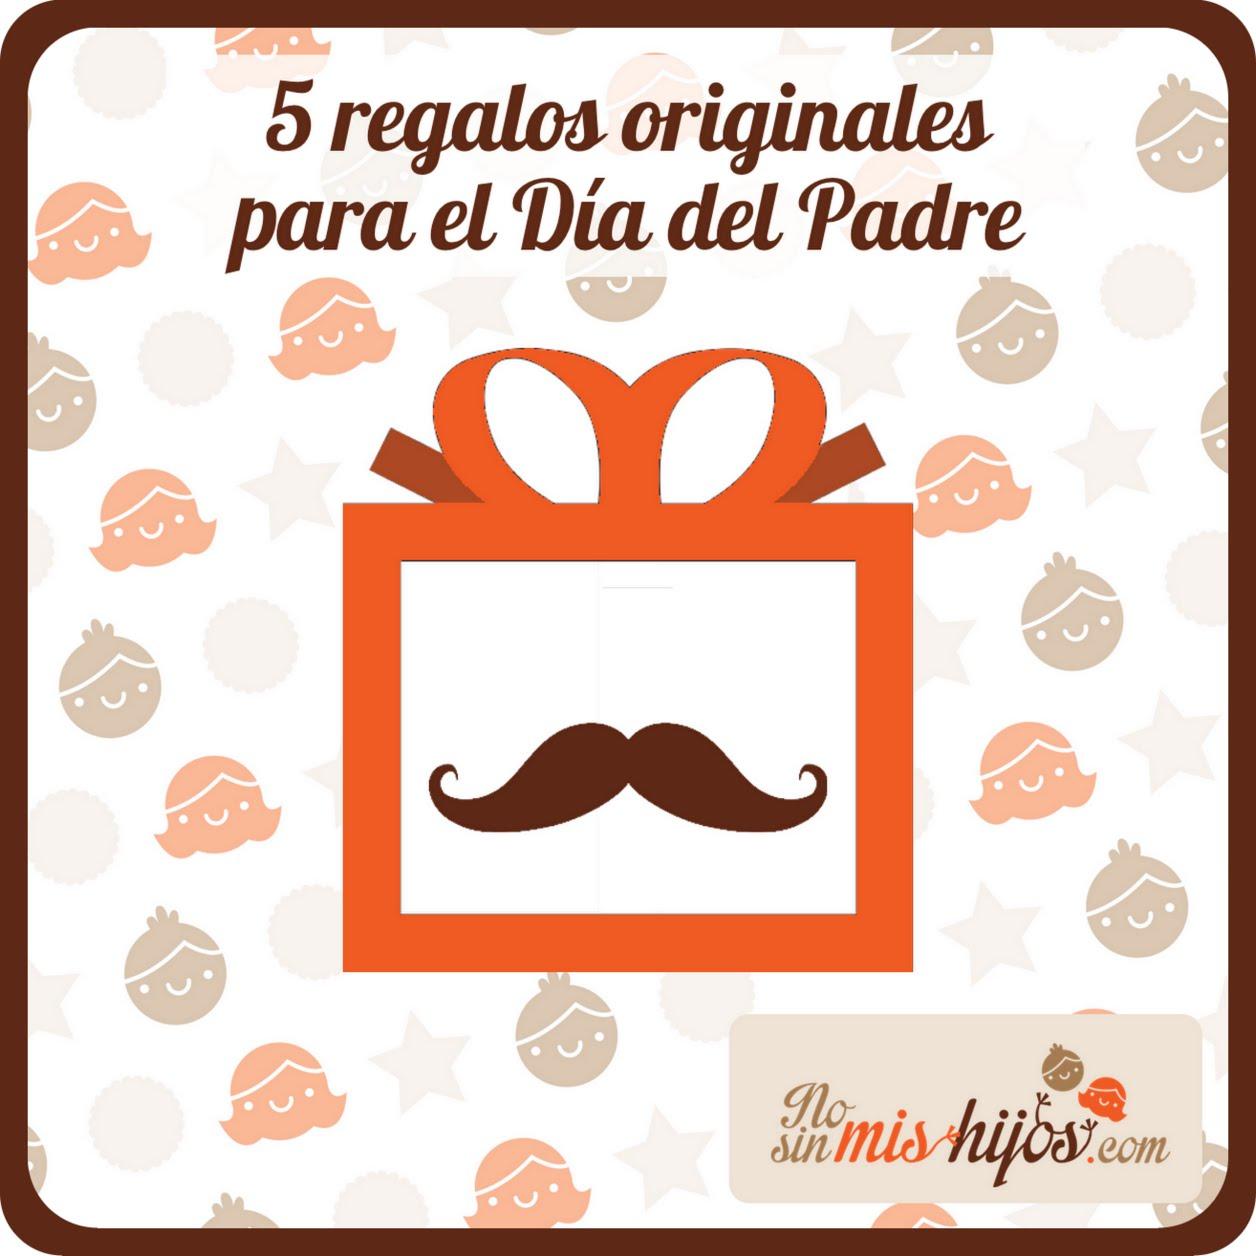 No sin mis hijos 5 regalos originales para el d a del padre - Regalos a padres ...